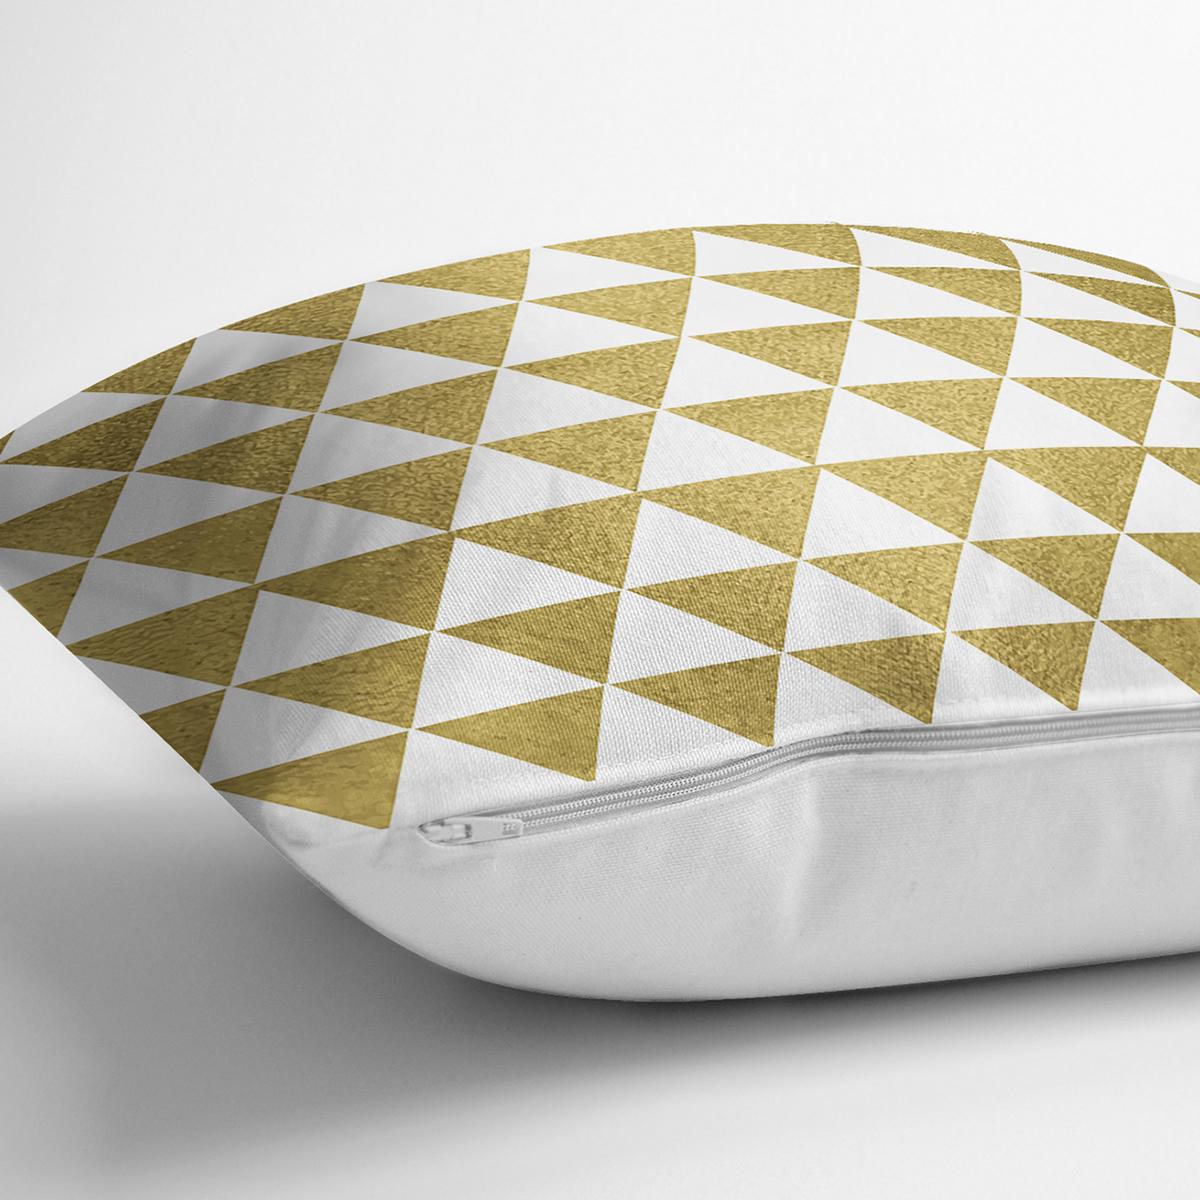 Beyaz Zeminde Gold Üçgen Desenli Dijital Baskılı Modern Yastık Kırlent Kılıfı Realhomes